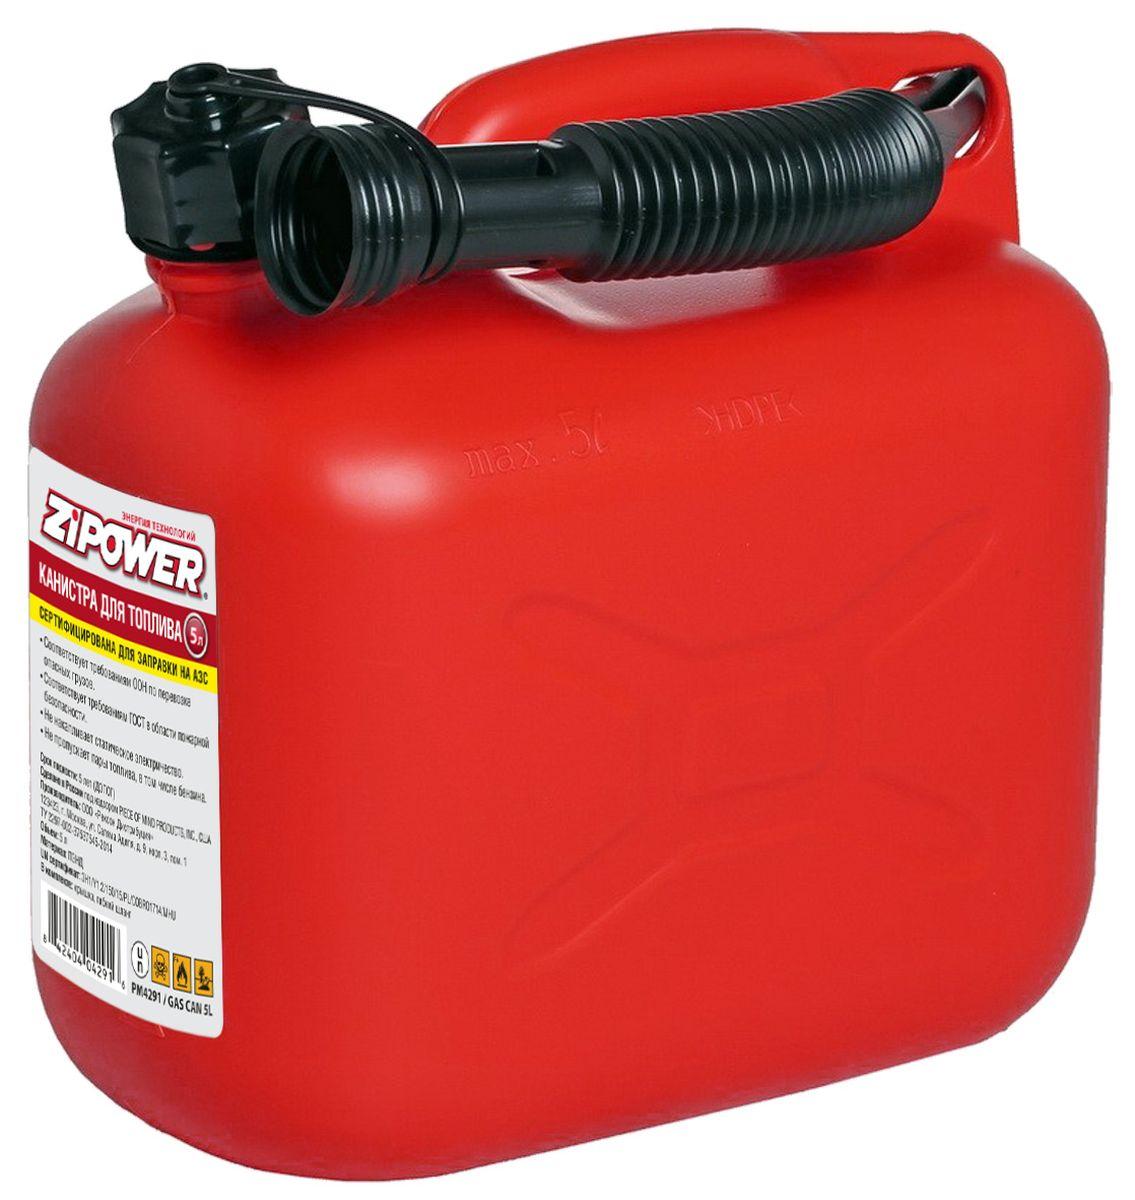 Канистра для топлива Zipower, цвет: красный, 5 лPM4291Канистры предназначены для хранения горюче-смазочных материалов. Канистры изготовлены из первичного сырья ПЭНД и не накапливают статический заряд. Товар имеет европейский сертификат соответствия 3H1/Y1.2/150/15/PL/COBR01714/MHU, который позволяет производить заливку бензина в канистру и контактировать с металлическим пистолетом на АЗС.Все канистры укомплектовываются крышкой и гибким шлангом.